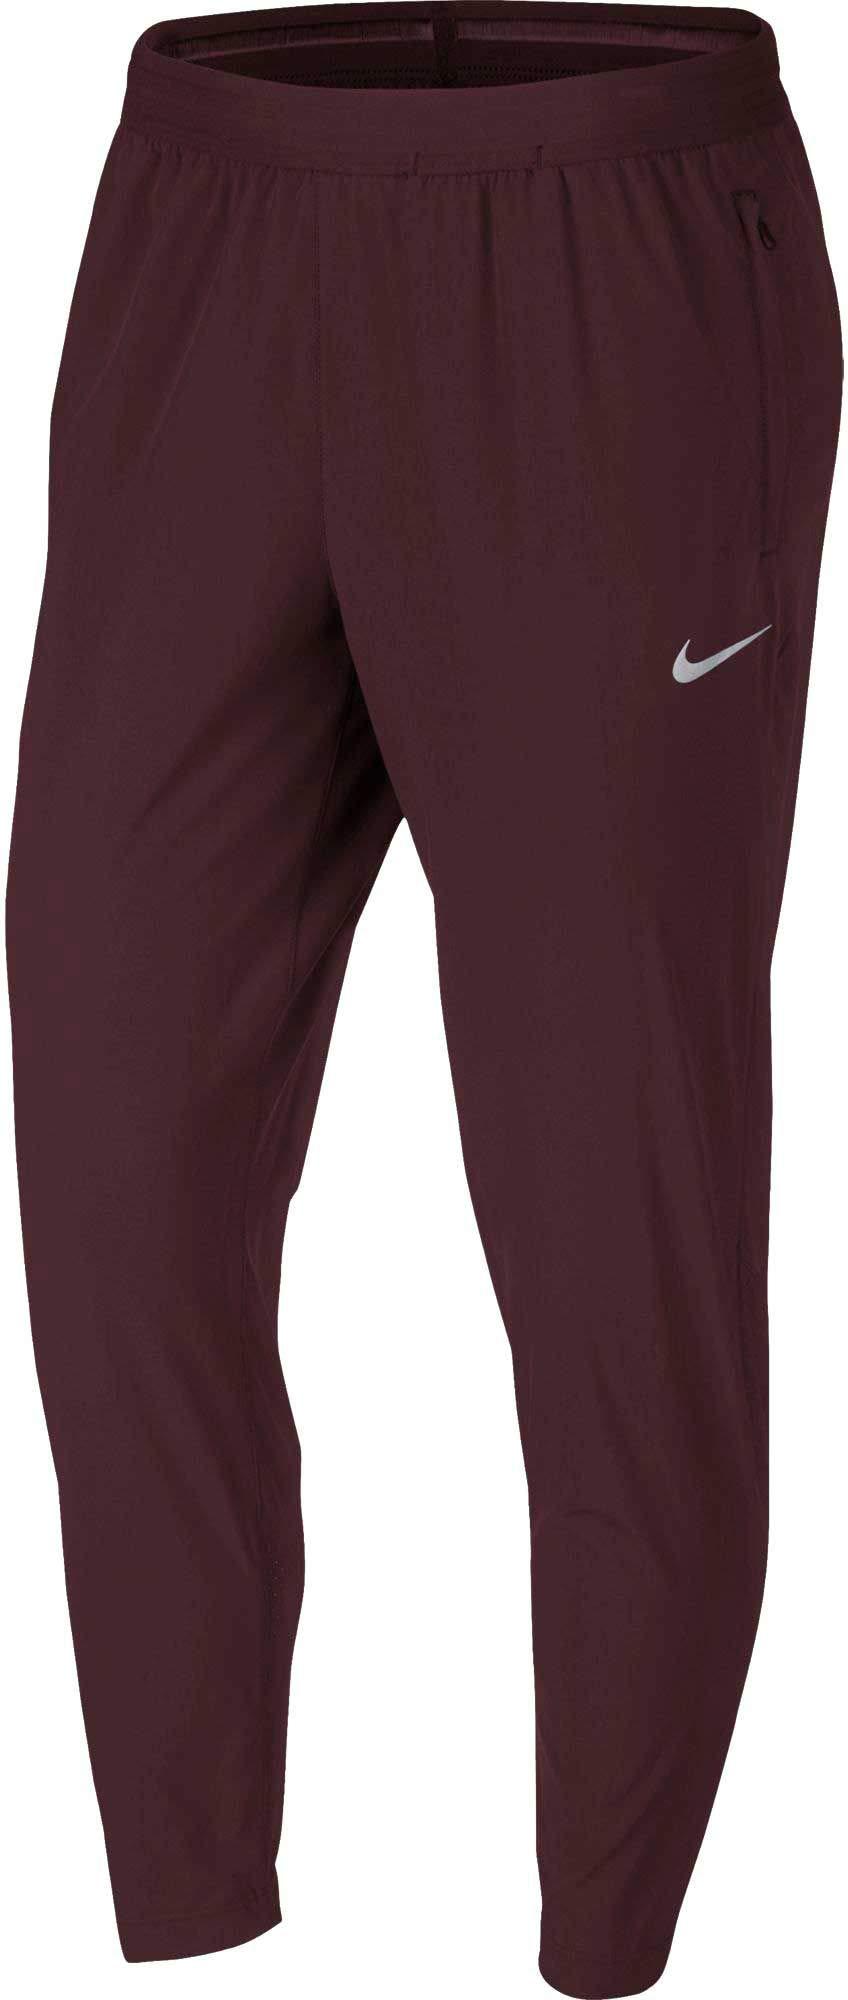 NIKE Women's Essential 7/8 Running Pants (Burgundy Crush, X-Small)